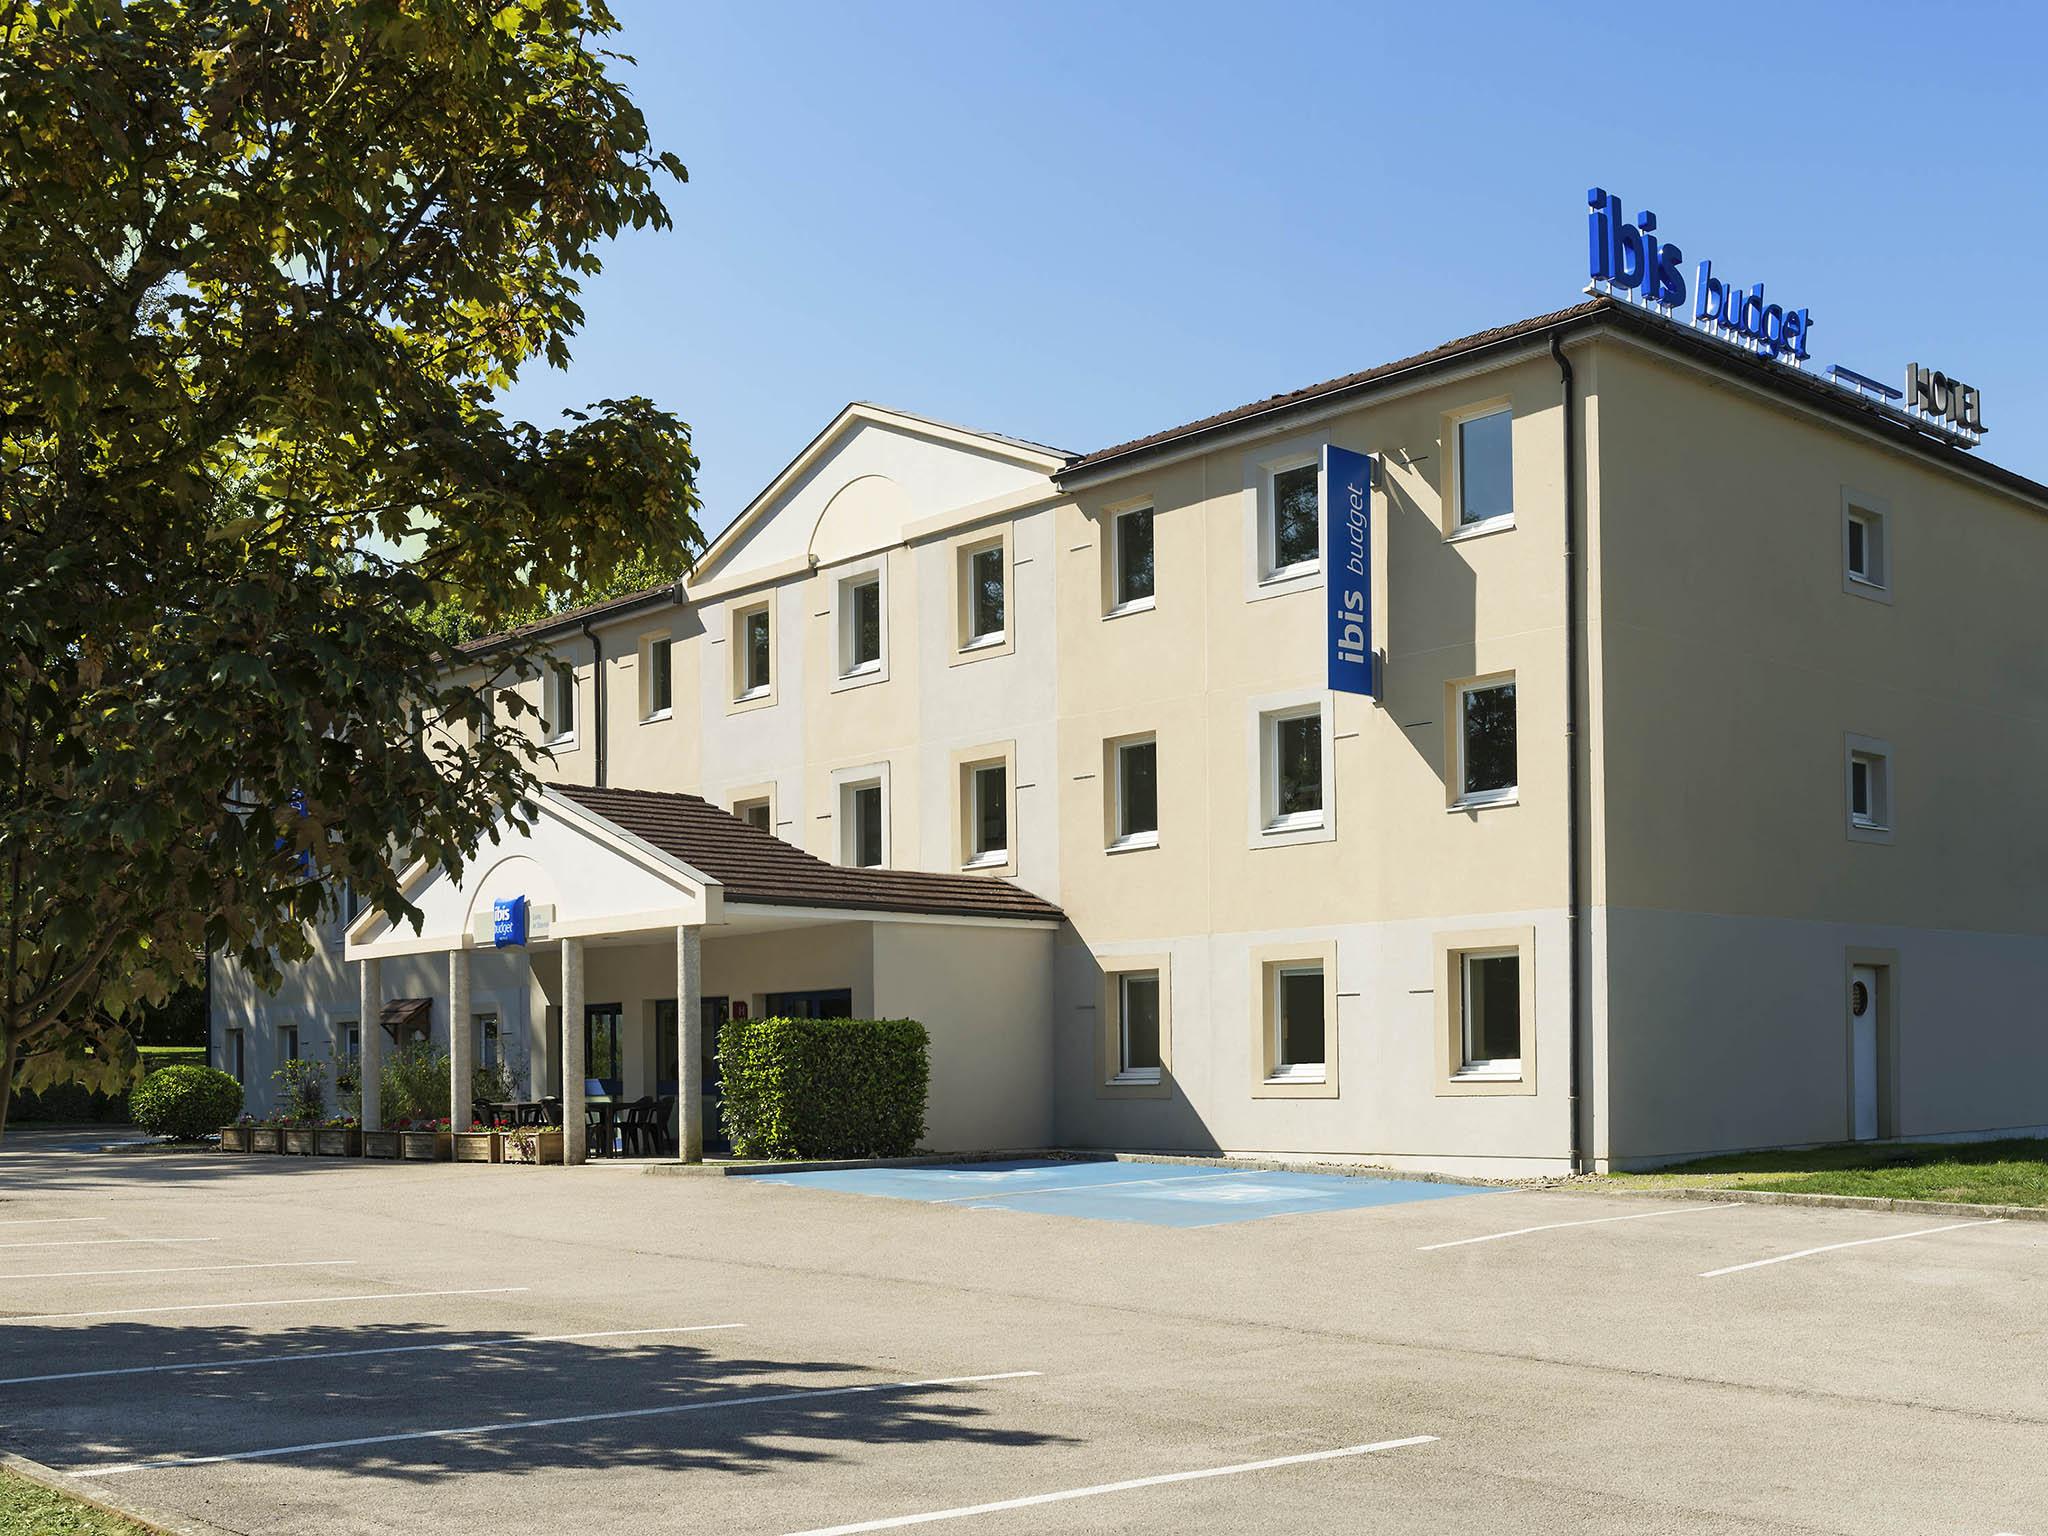 فندق - ibis budget Lons-le-Saunier